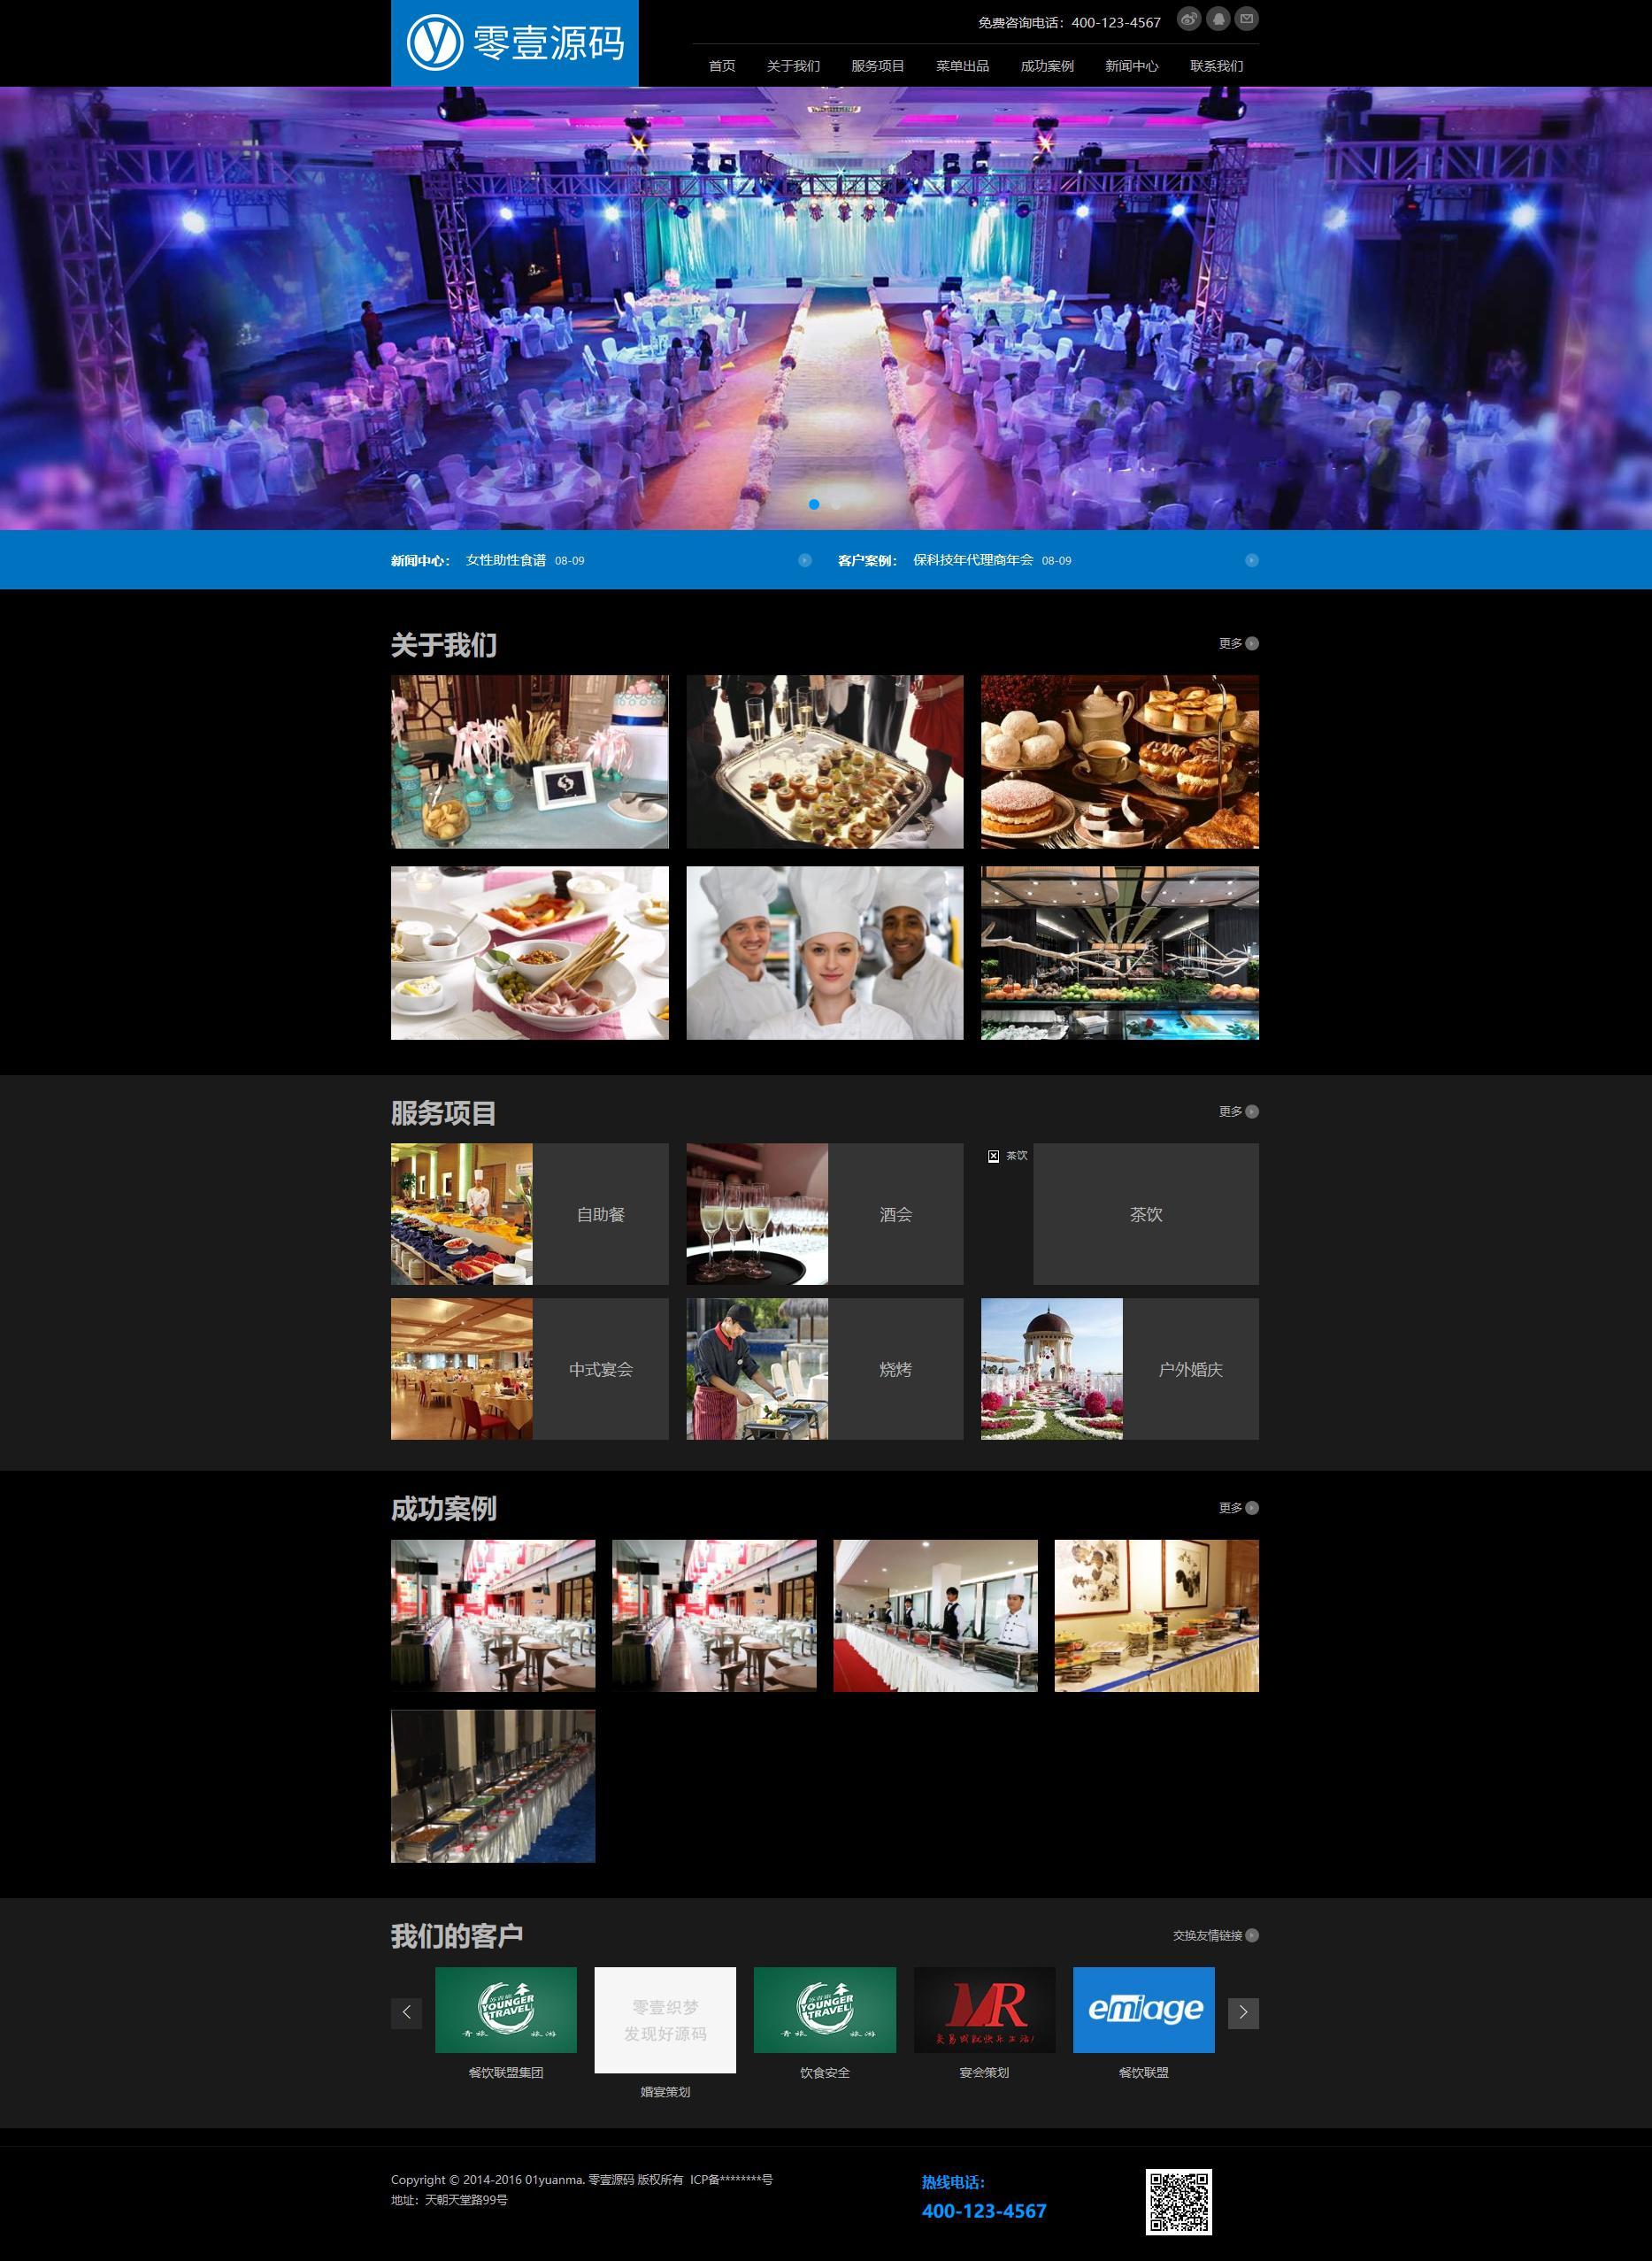 自适应宴会展厅展览类网站织梦模板(响应式dedecms模板)